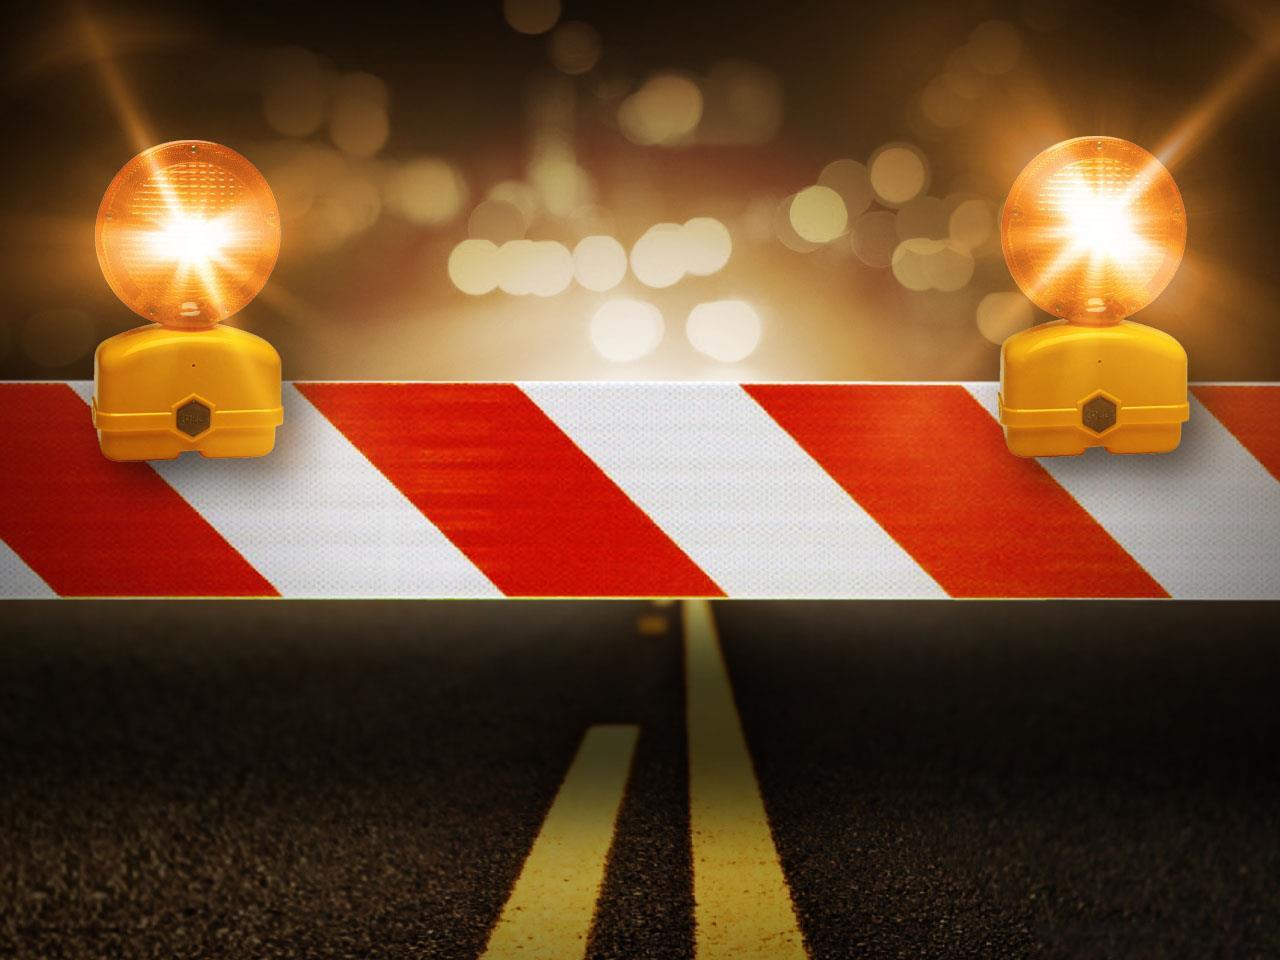 road work signage__1539979331167.jpg.jpg